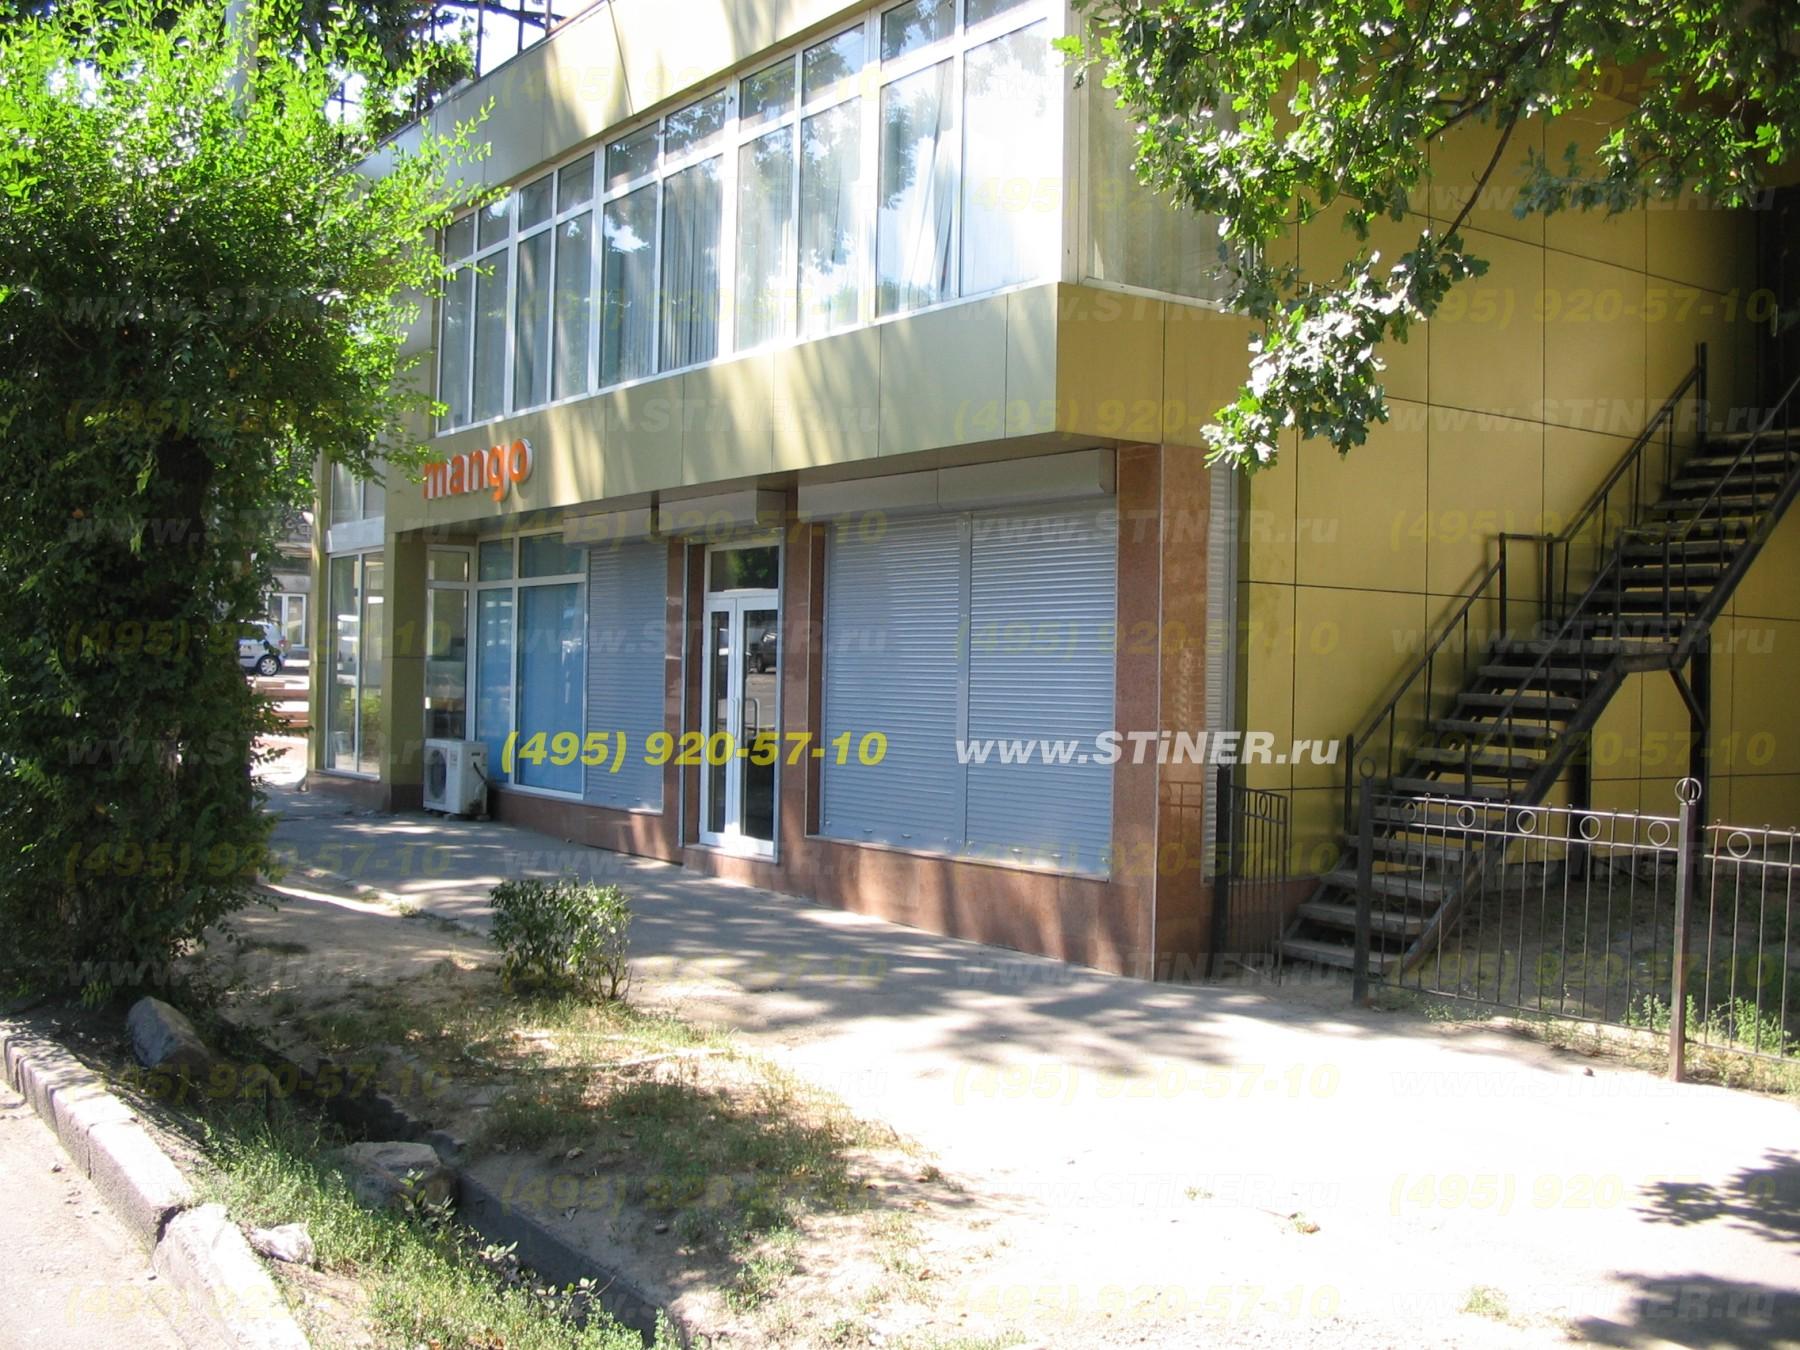 Ролставни для окон магазина и входной группы в Москве и области